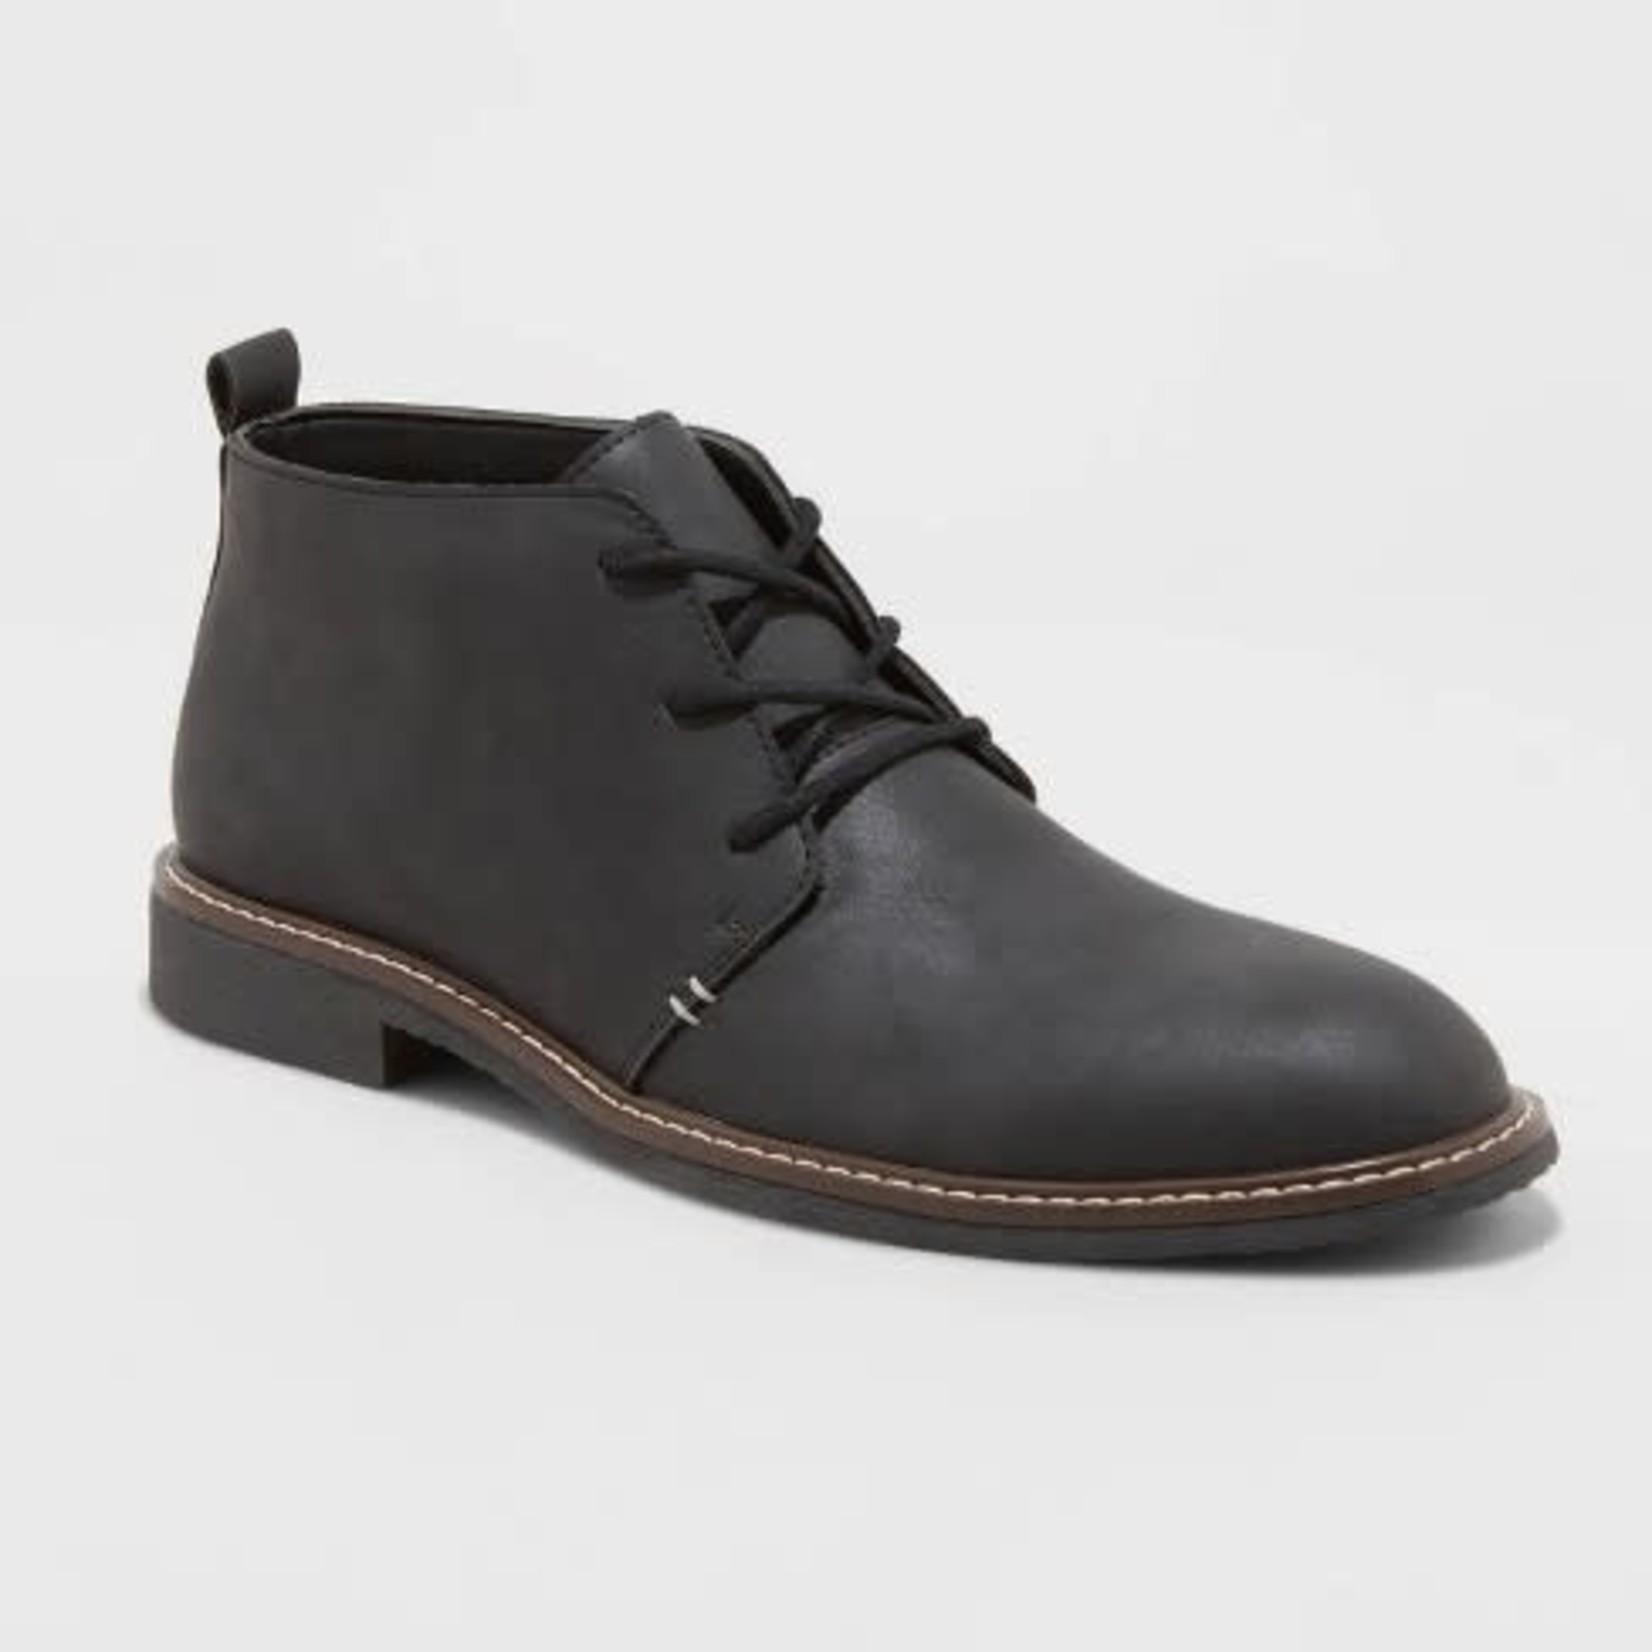 Goodfellow Men's Granger Boot Black-10